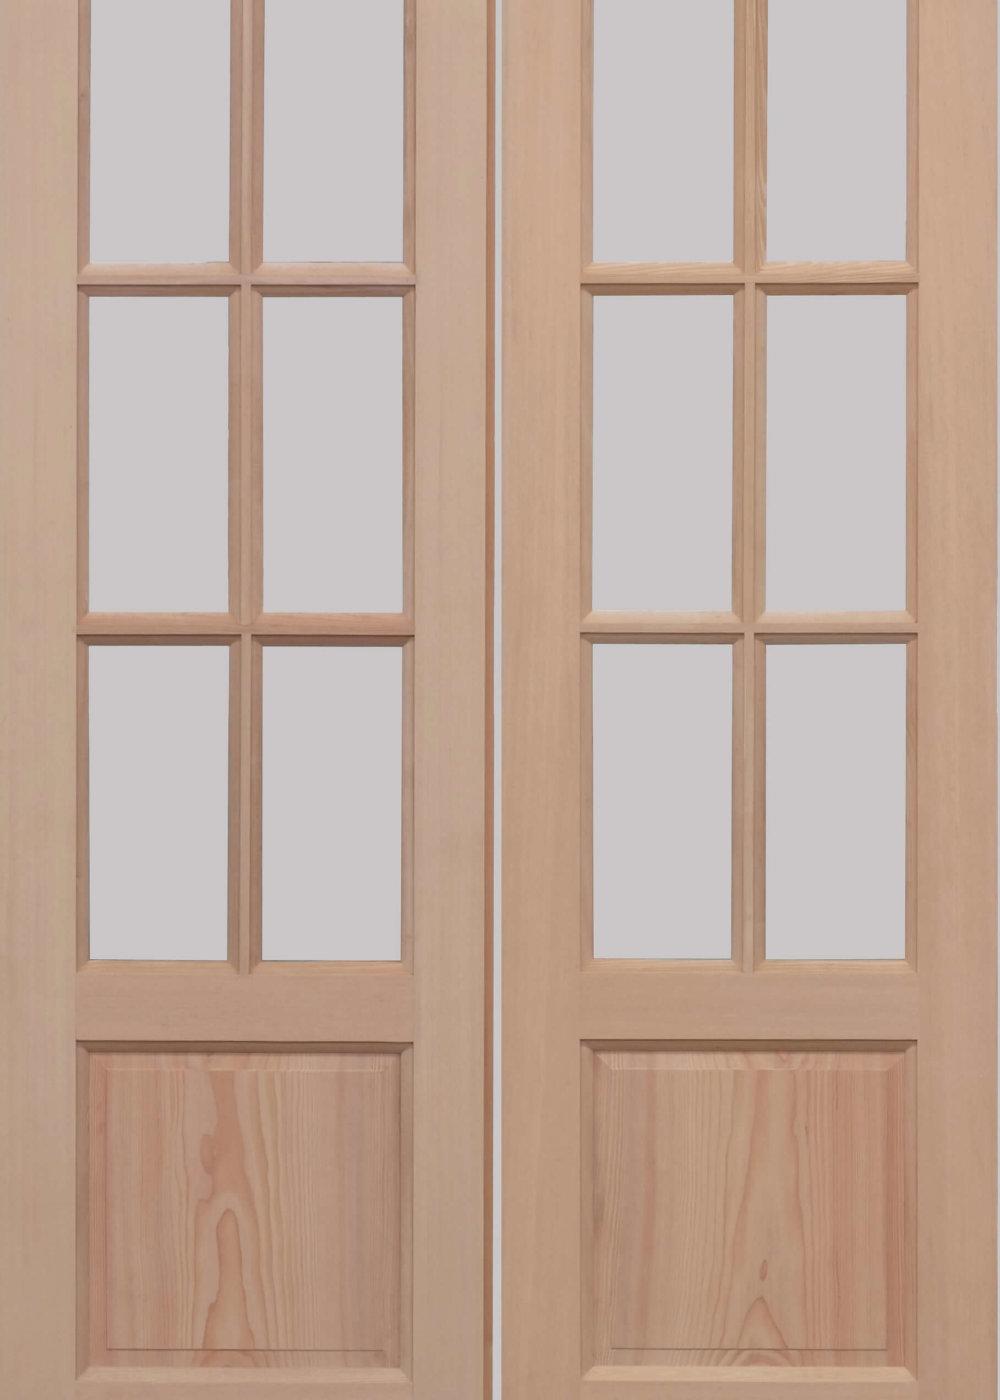 Hemlock GTP 2 Panel External Door Pair Trading Doors